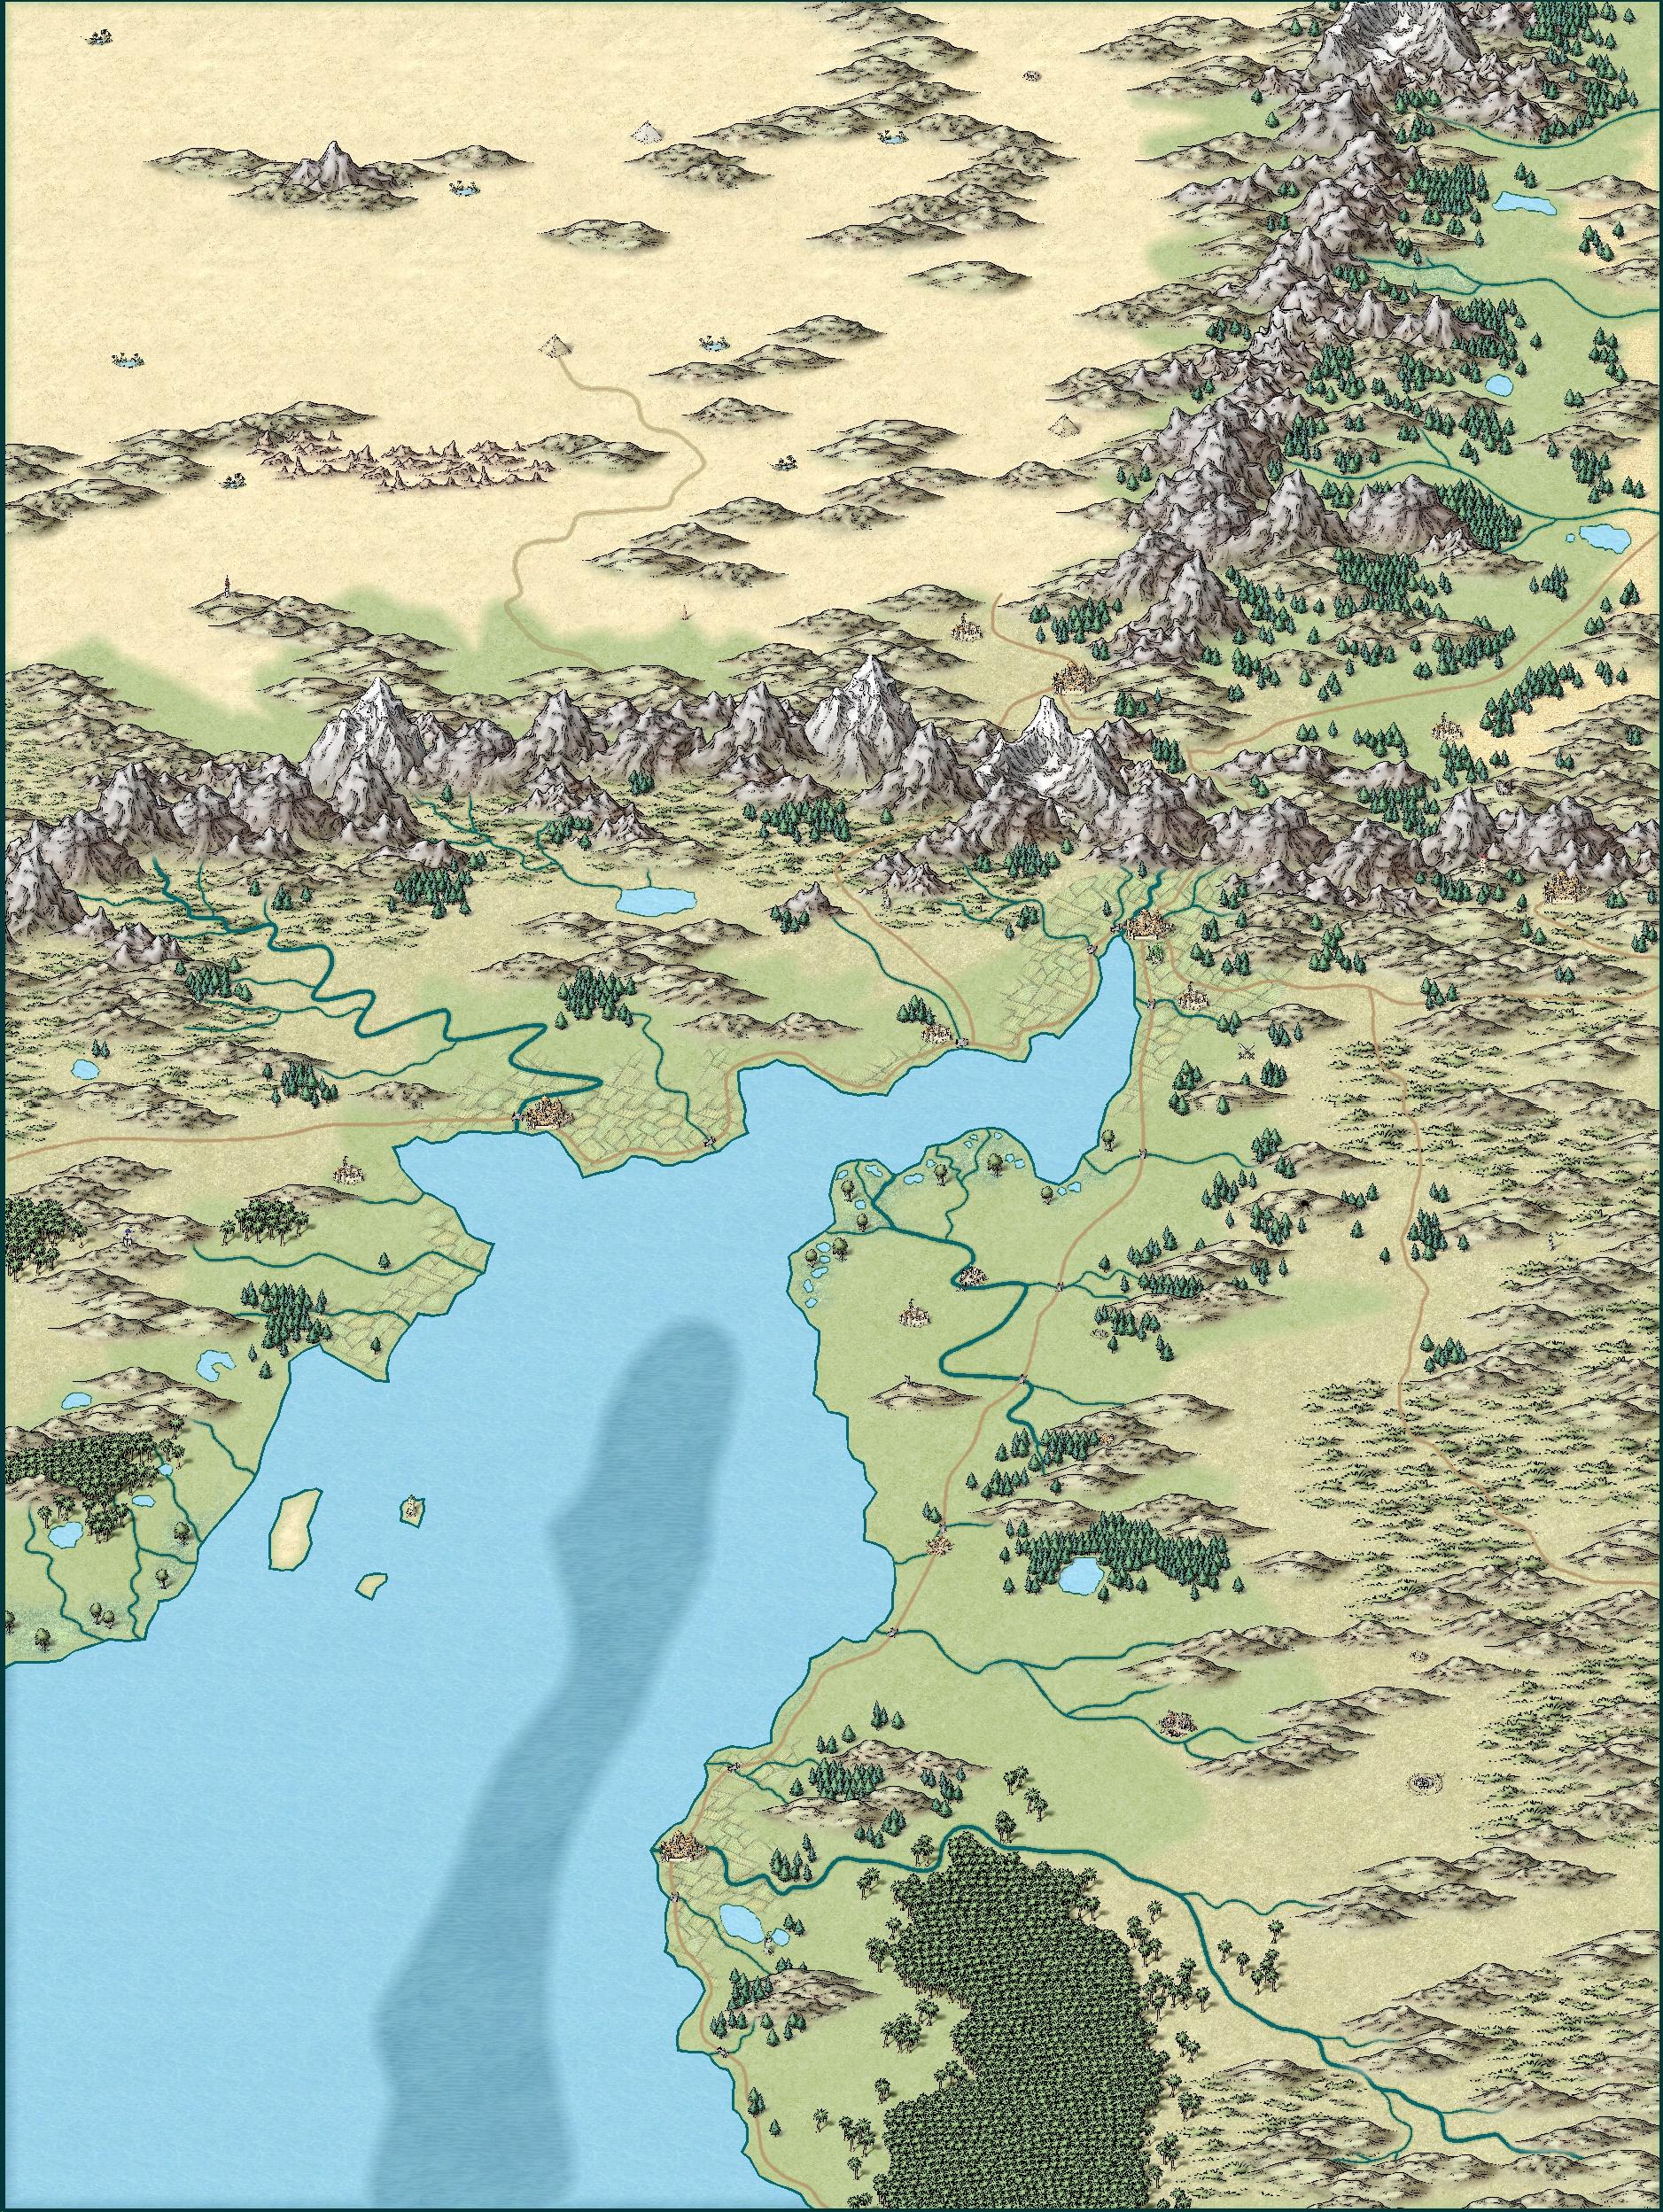 narazan 1200 x 1600 low res geog.JPG